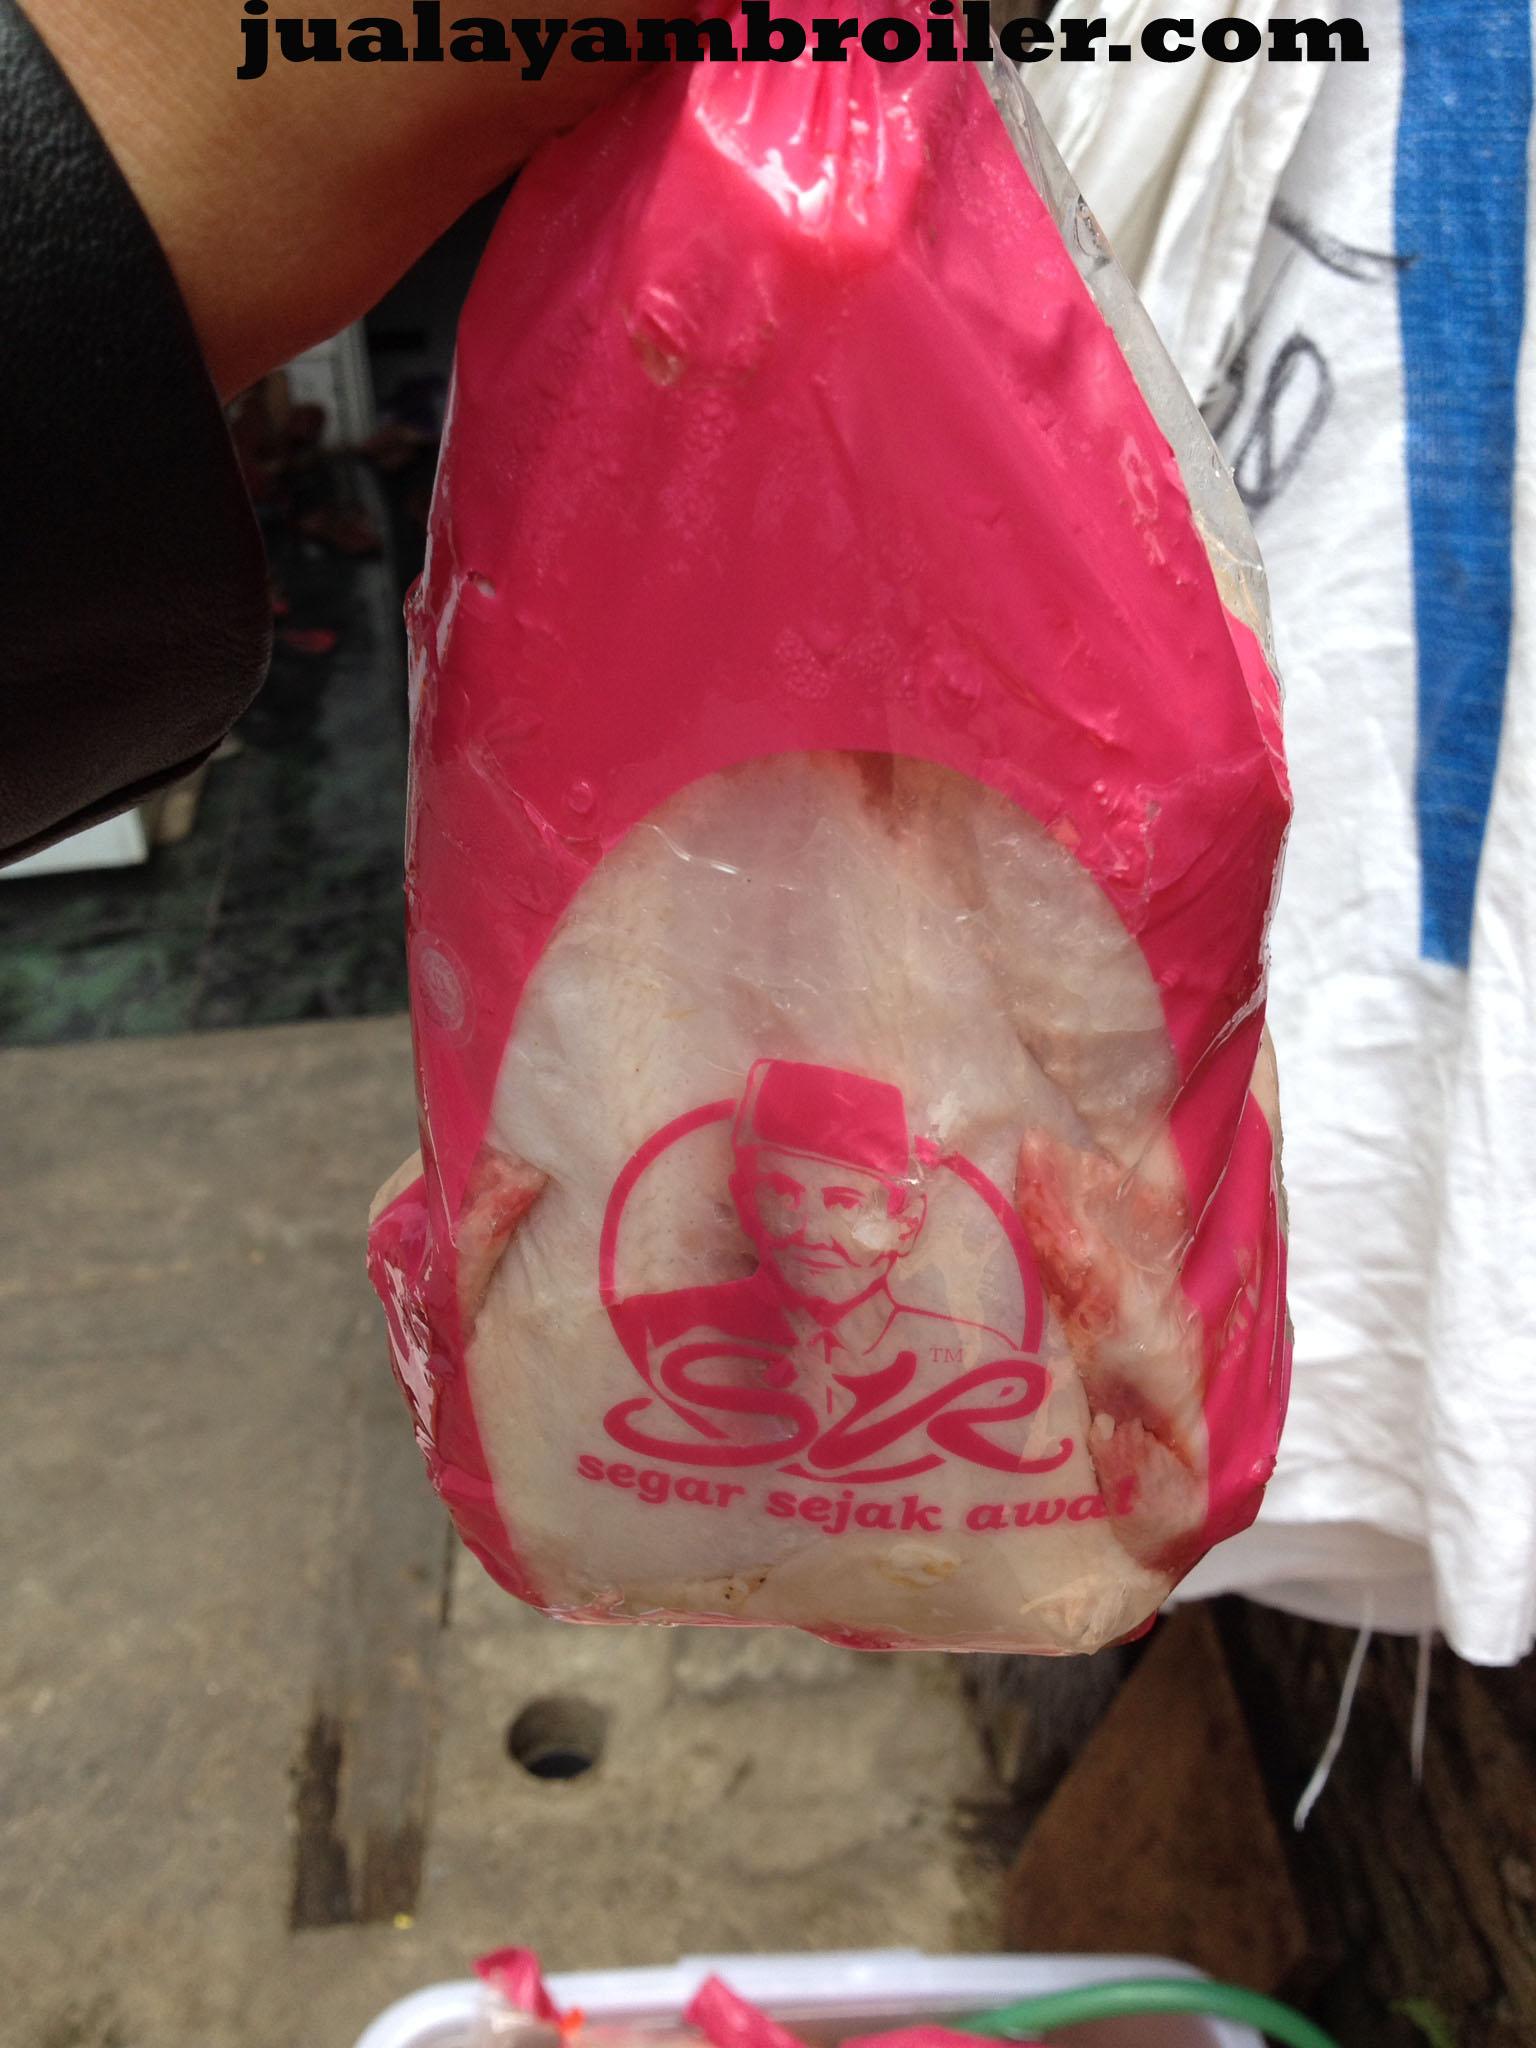 Jual Ayam Karkas di Pondok Bambu Jakarta Timur